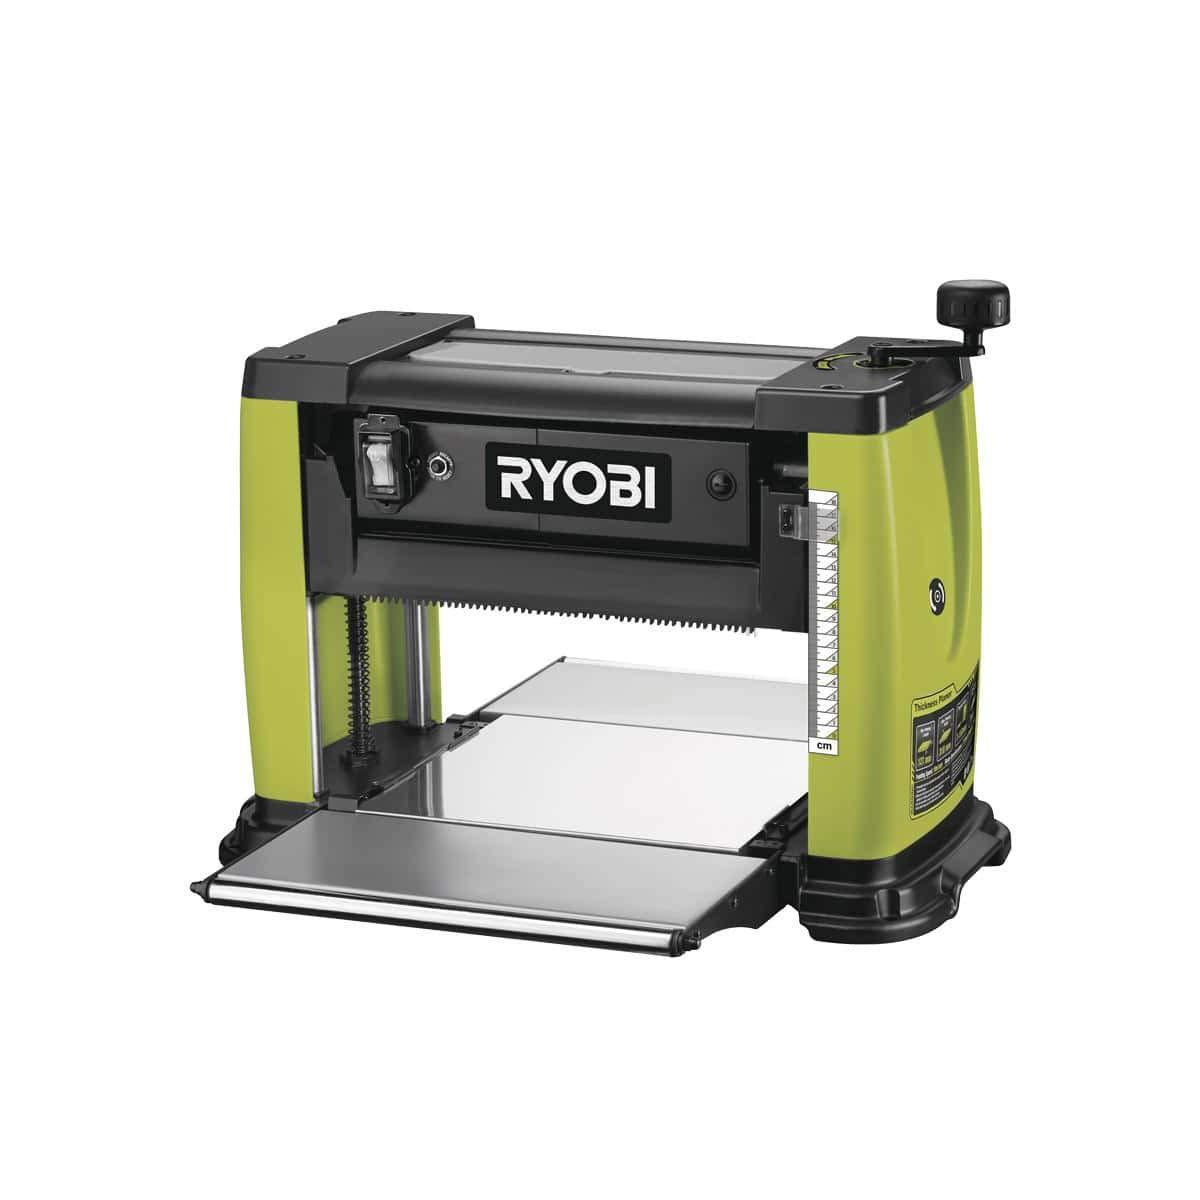 Ryobi 5133002859 Cepillo estacion/ário 1500w 318mm